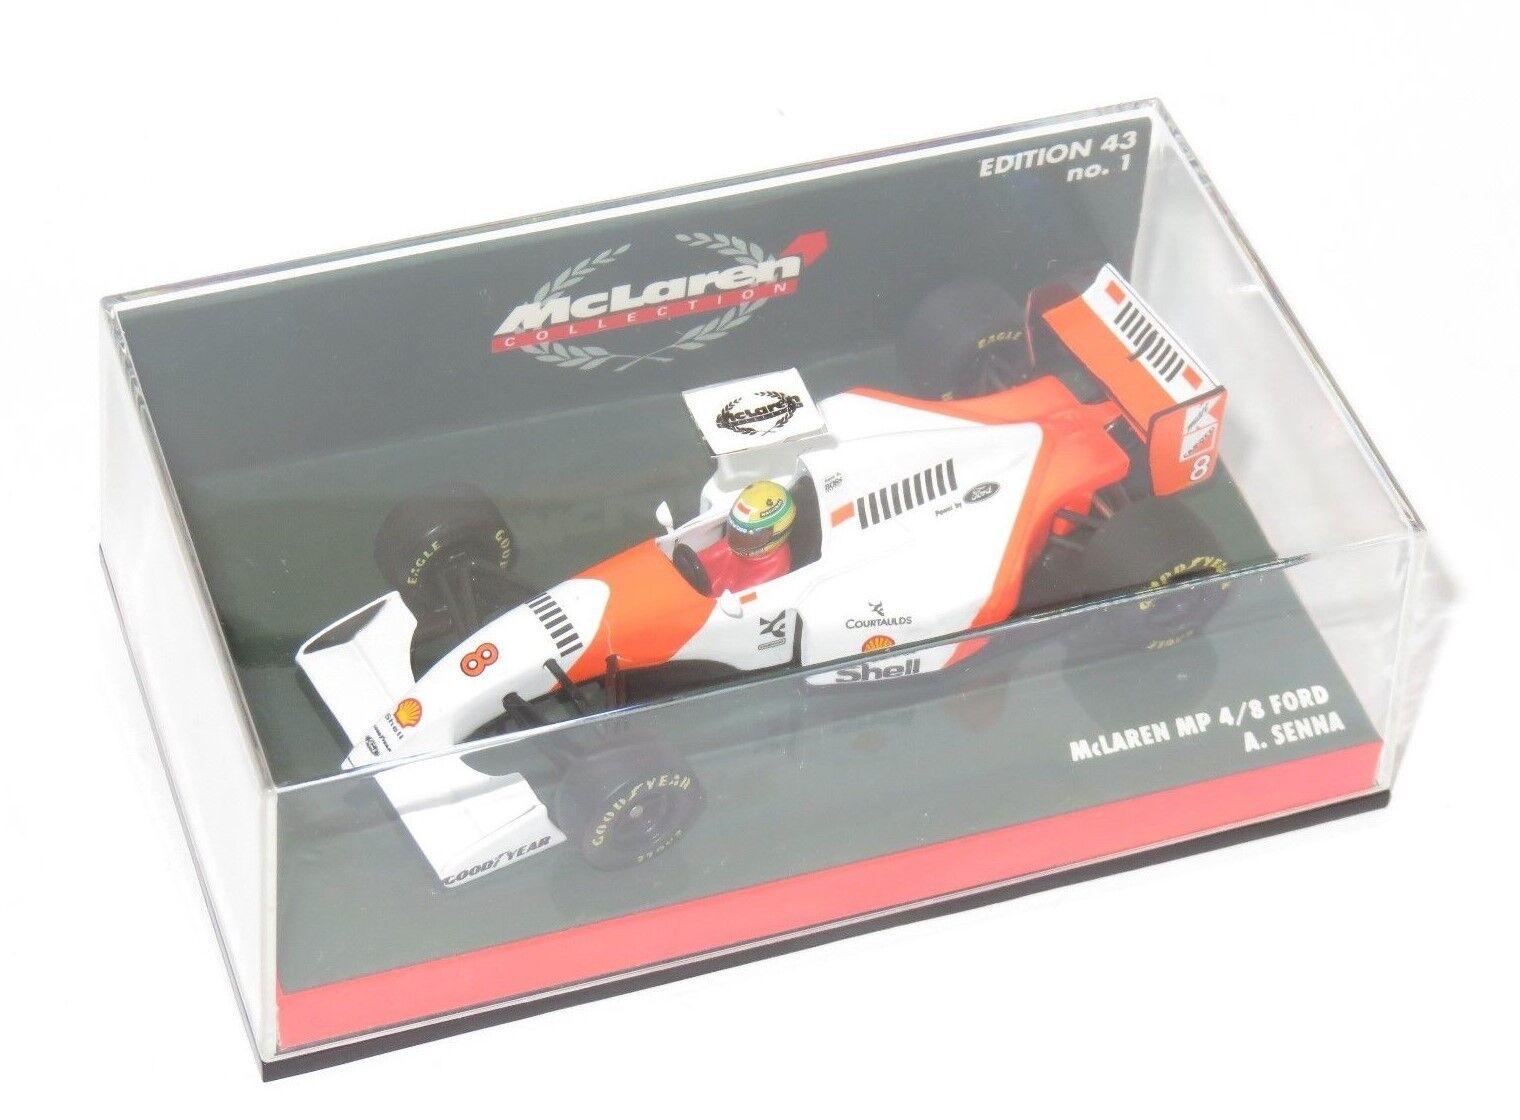 1/43 McLaren Ford MP4-8 1993 Stagione A. Senna Minichamps McLaren Collezione No.1